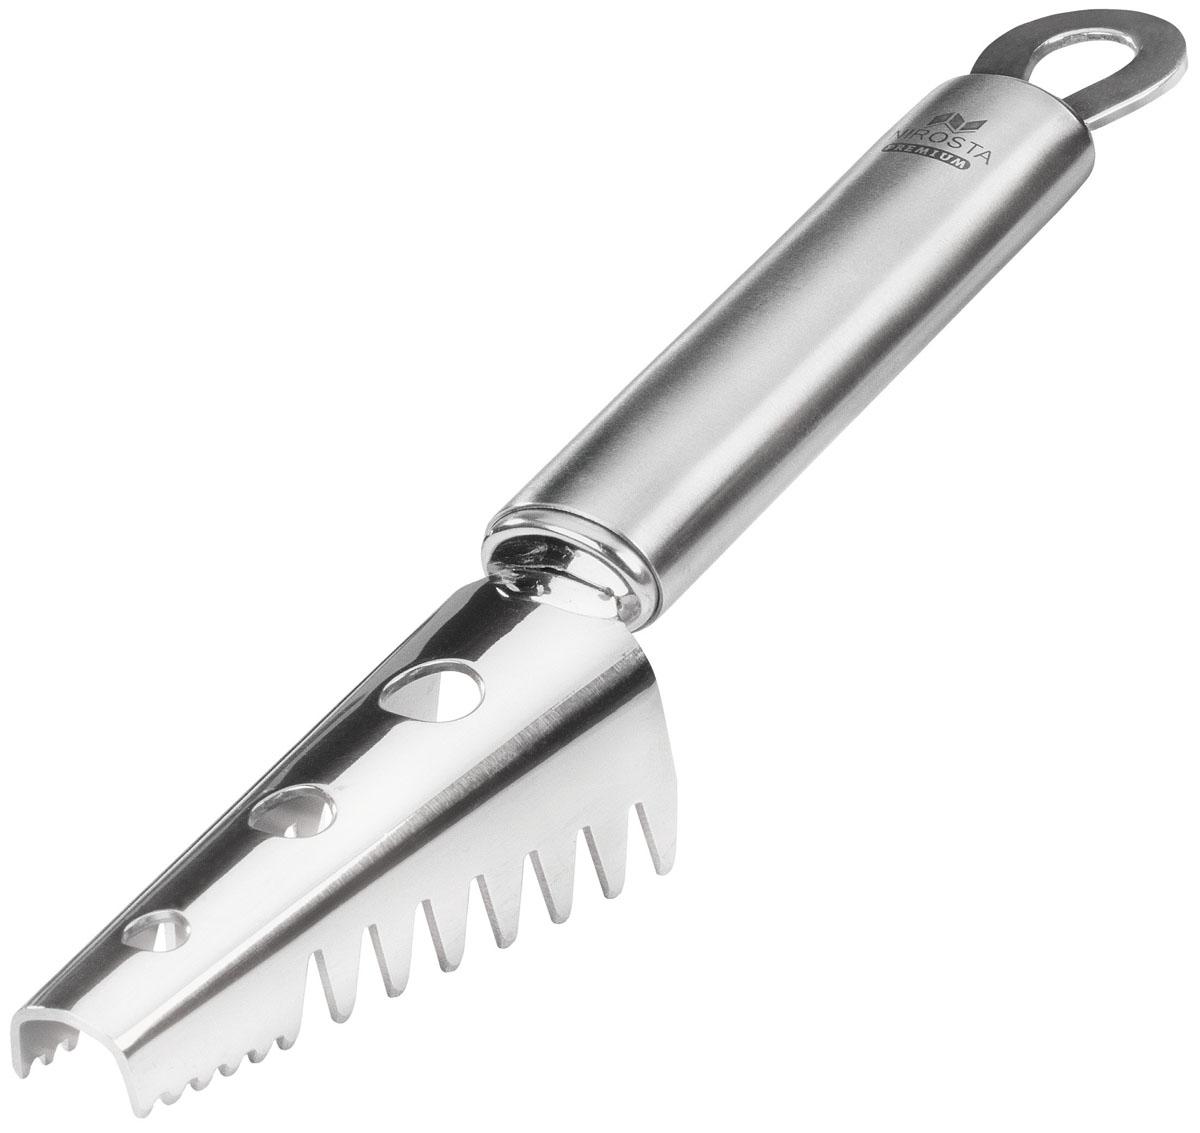 """Нож для чистки рыбы Fackelmann """"Nirosta"""" изготовлен из нержавеющей стали 18/10. Изделие оснащено специальными зубчиками, эффективно очищающими рыбу. Очистки не накапливаются внутри, а выходят через специальные отверстия. Удобная рукоятка обеспечивает комфорт при использовании. На рукоятке также имеется отверстие, за которое нож можно повесить в удобное для вас место. Можно мыть в посудомоечной машине.   Характеристики: Материал: нержавеющая сталь. Цвет: серебристый. Длина ножа: 20 см. Размер рабочей поверхности: 3,5 см х 7,5 см."""